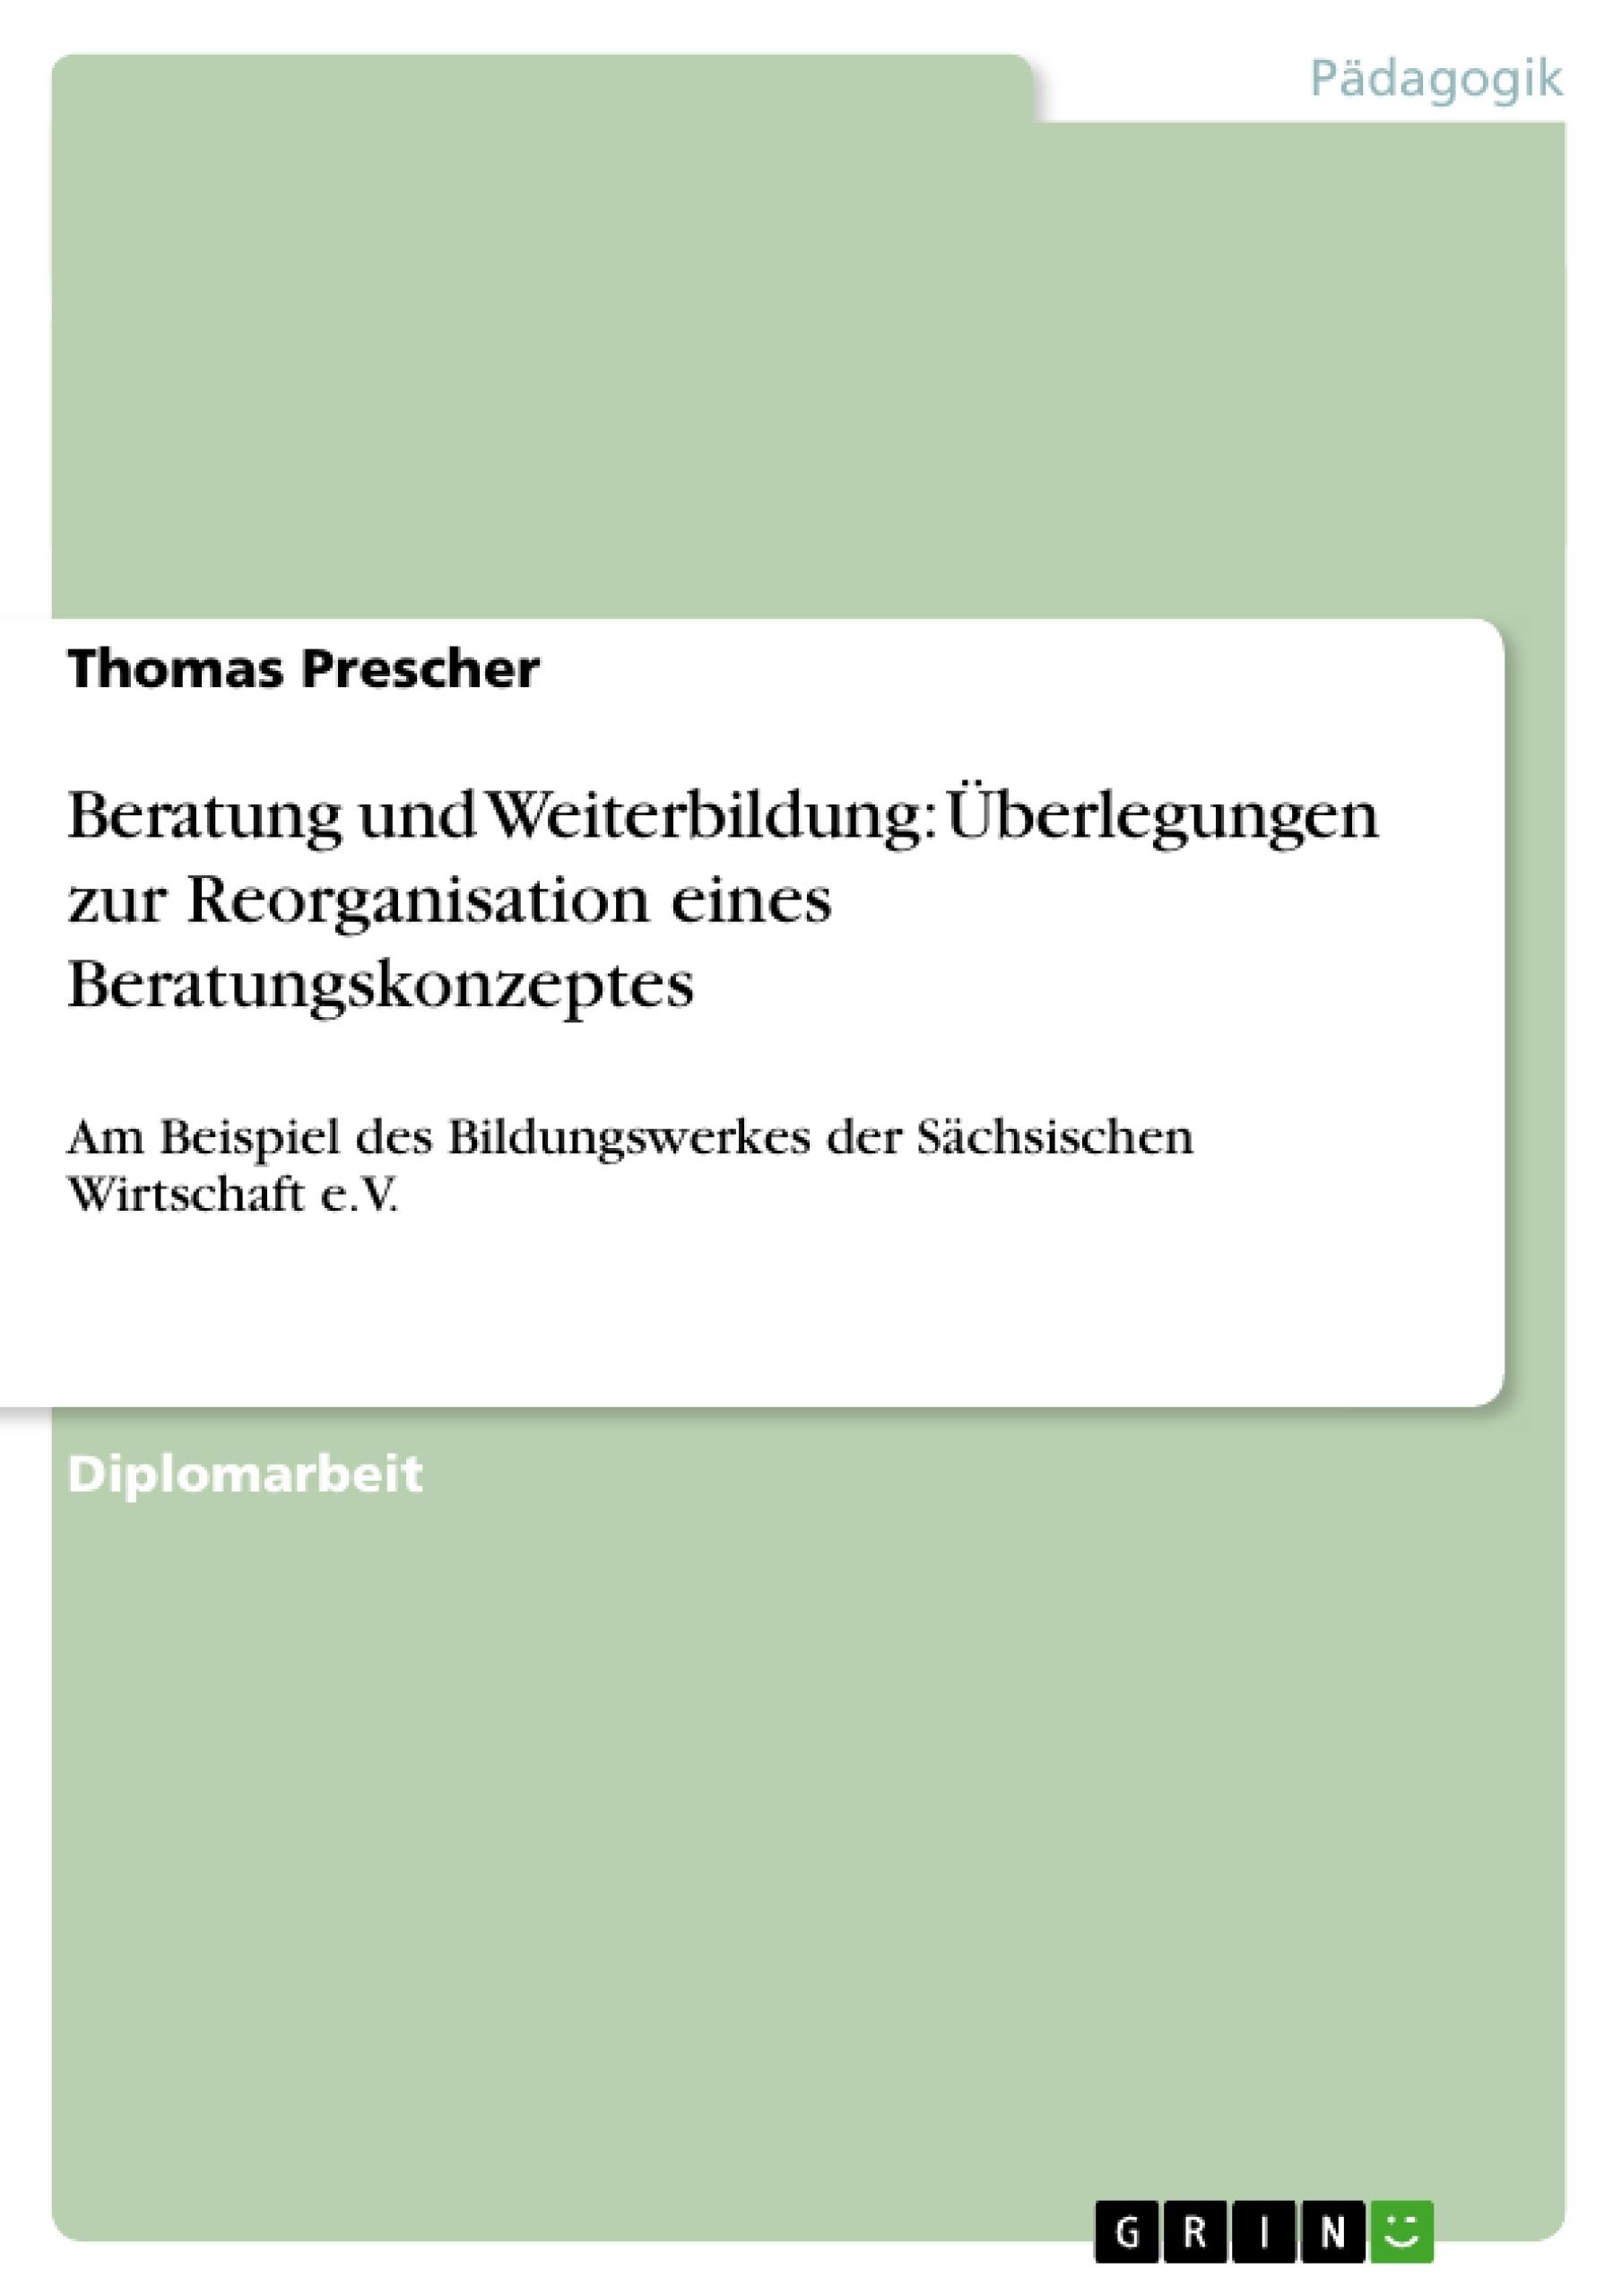 Titel: Beratung und Weiterbildung: Überlegungen zur Reorganisation eines Beratungskonzeptes